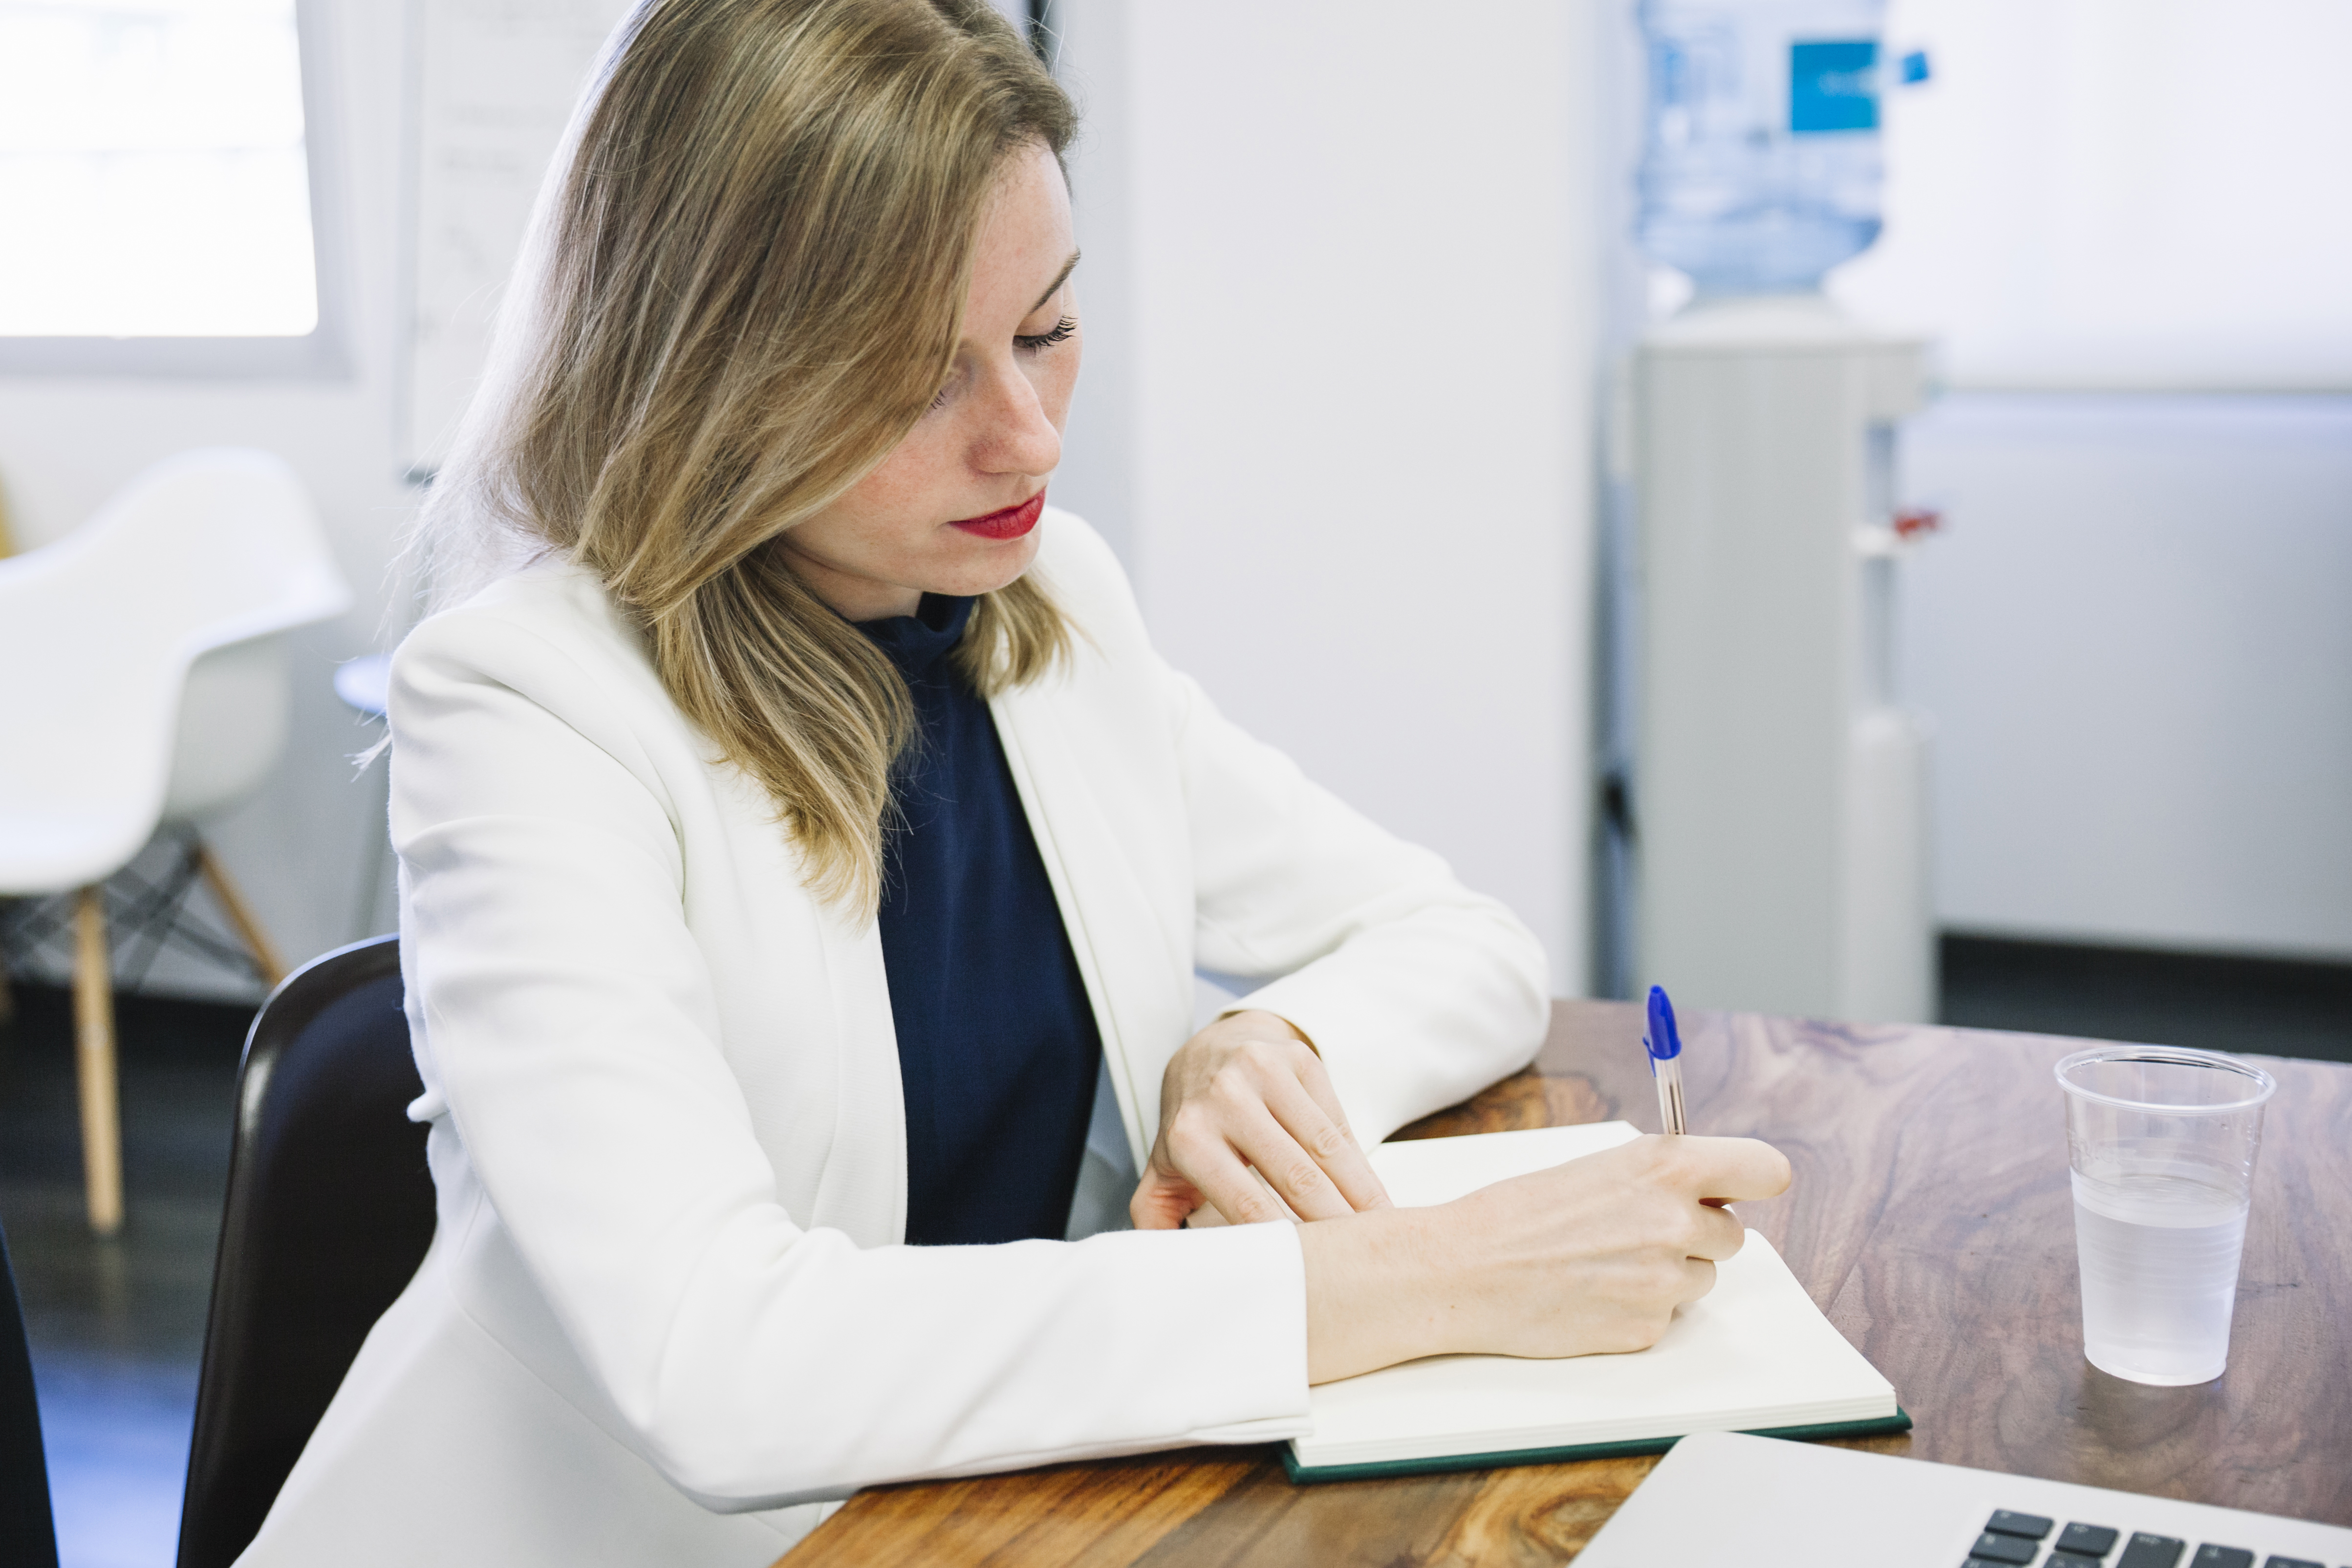 clinica de fisioterapia otimizada